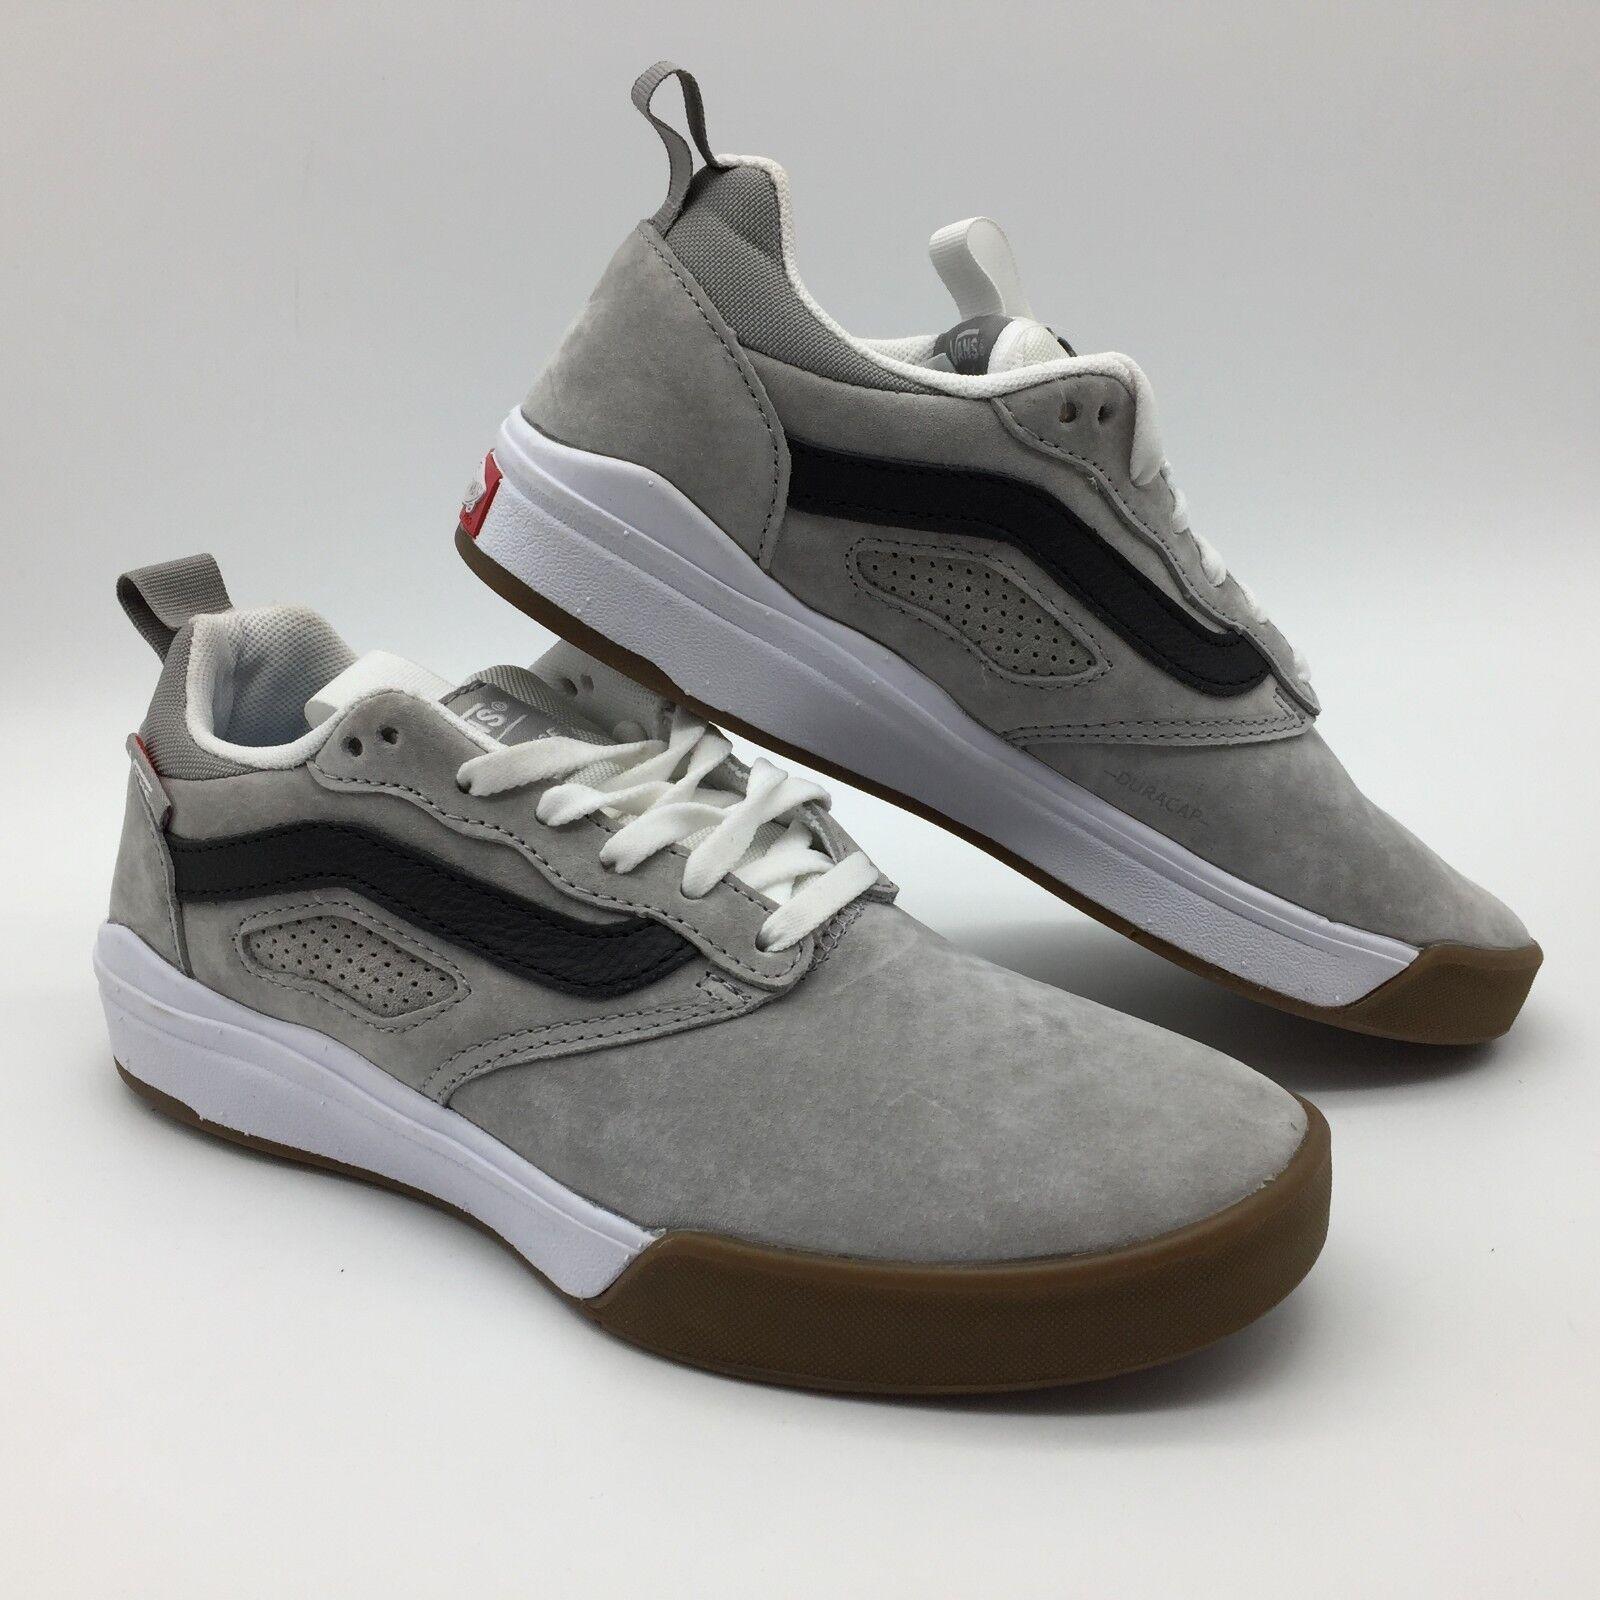 Herren Vans sportive Schuhe | Reduziert Preis Sneaker